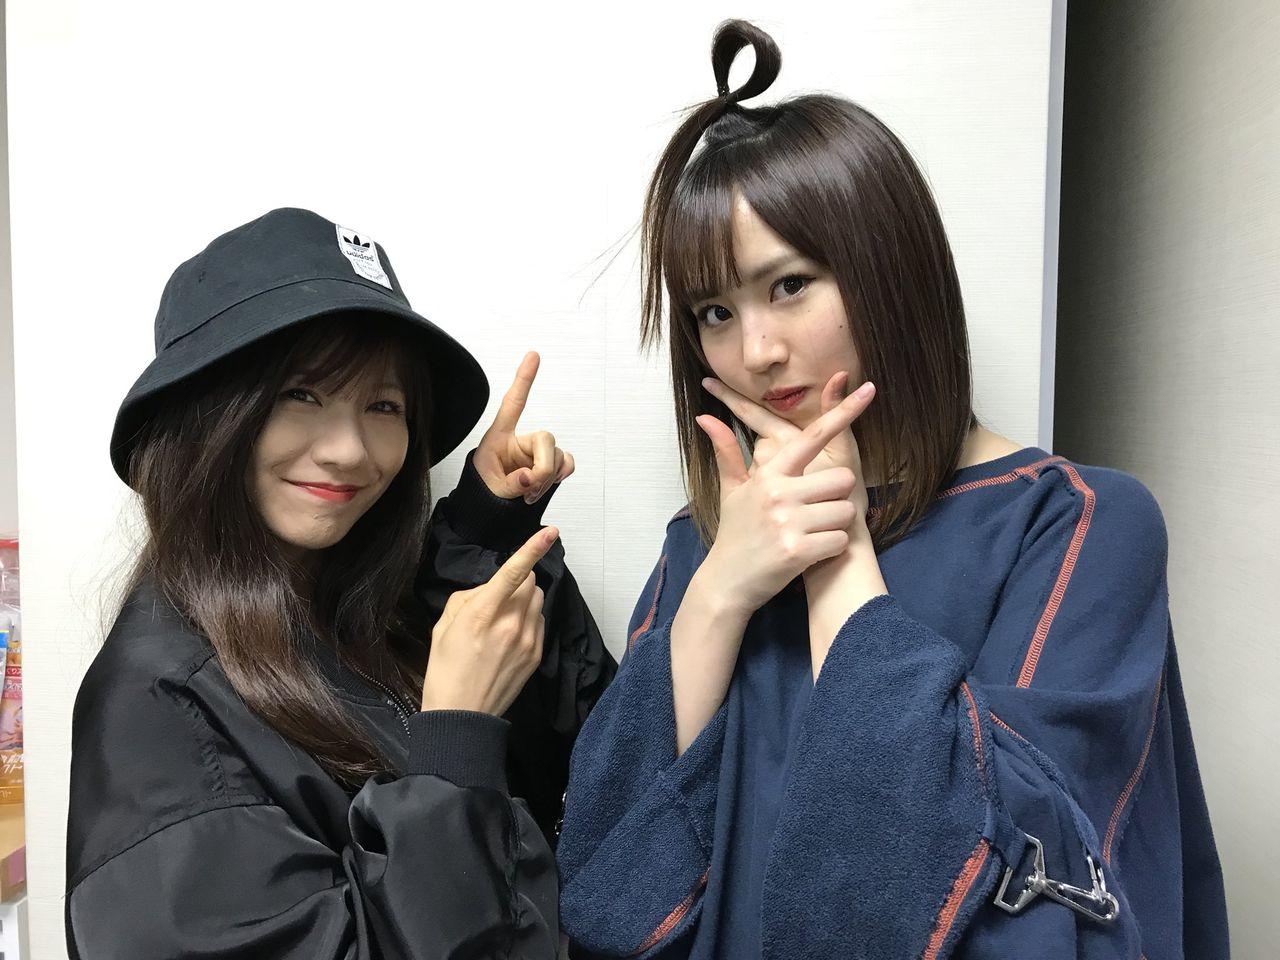 【NMB48】谷川愛梨、アカズノマ露出狂を観戦